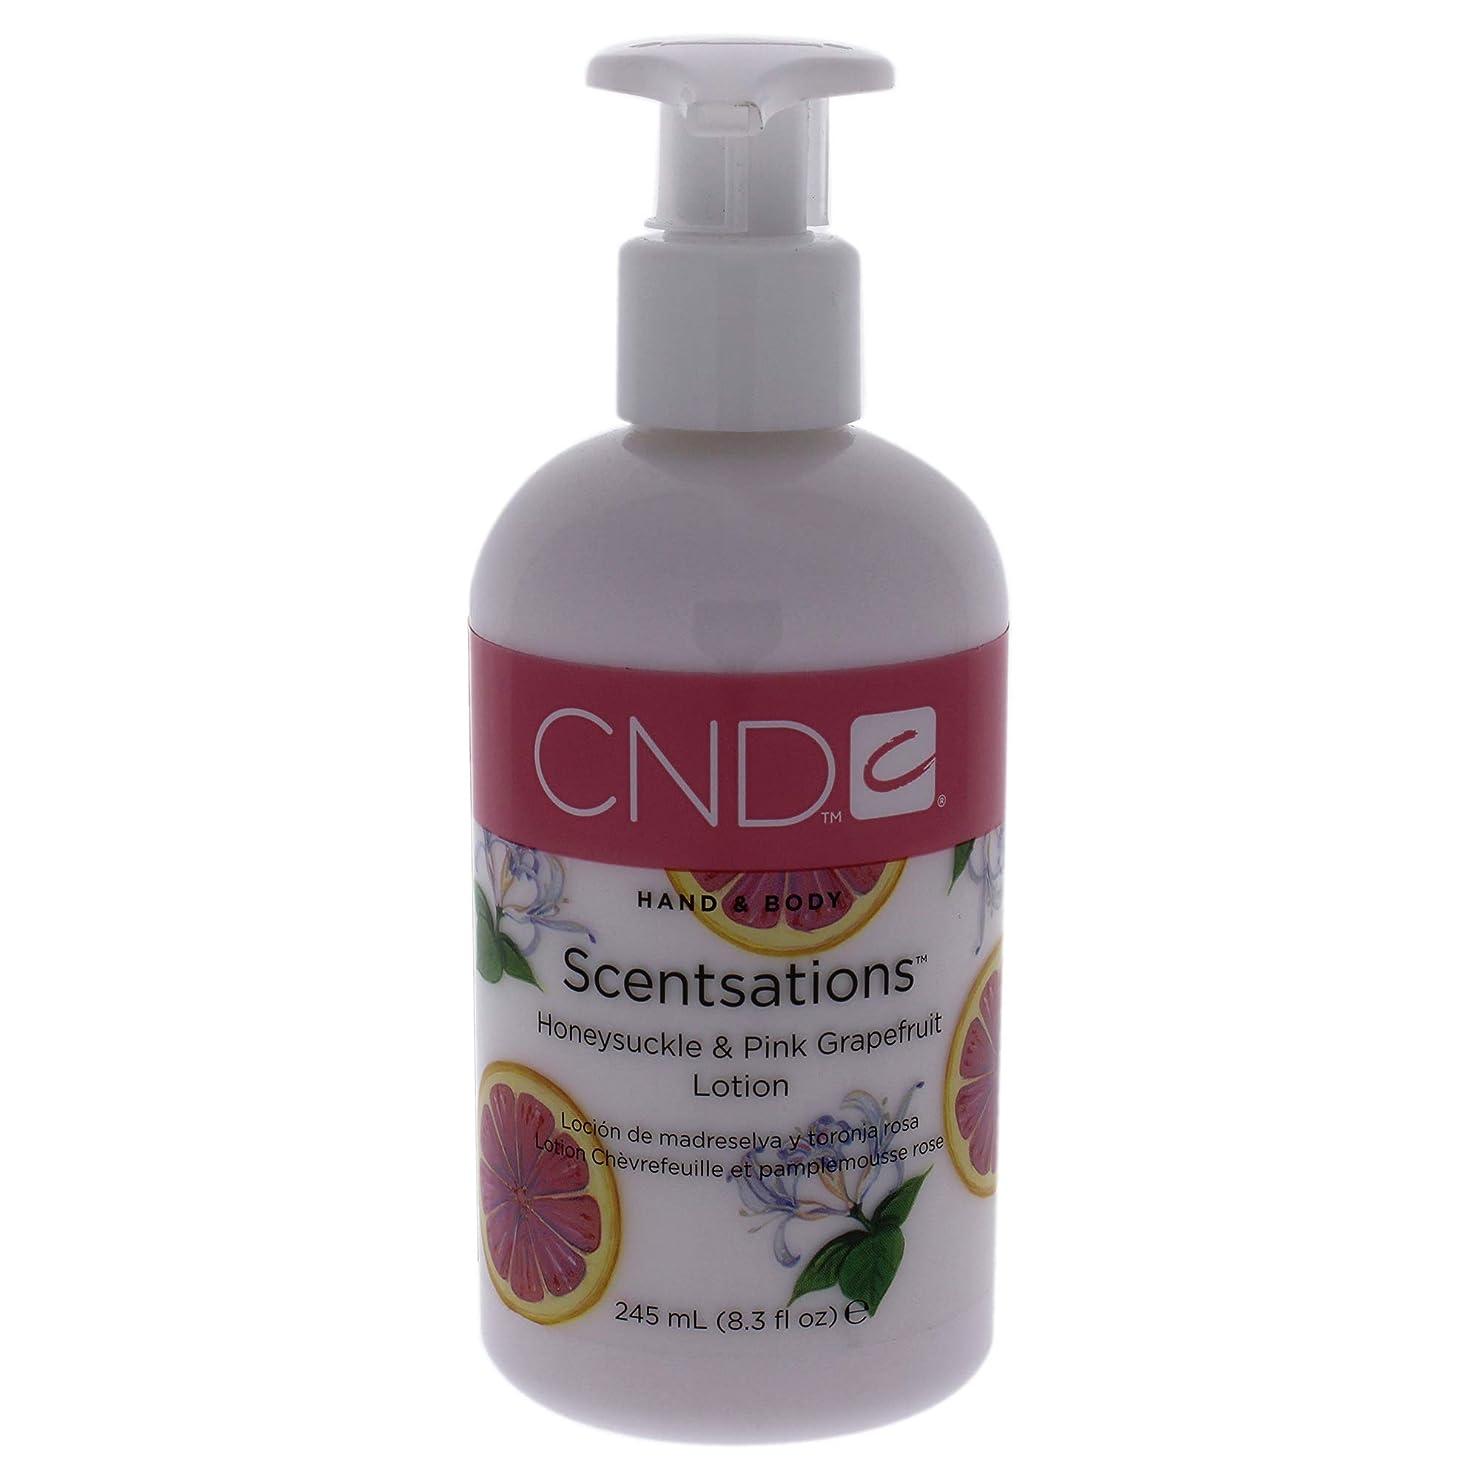 ペットジャーナル前にCND センセーション ハンド&ボディローション ハニーサックル&ピンクグレープフルーツ 245ml みずみずしいフェミニンな香り